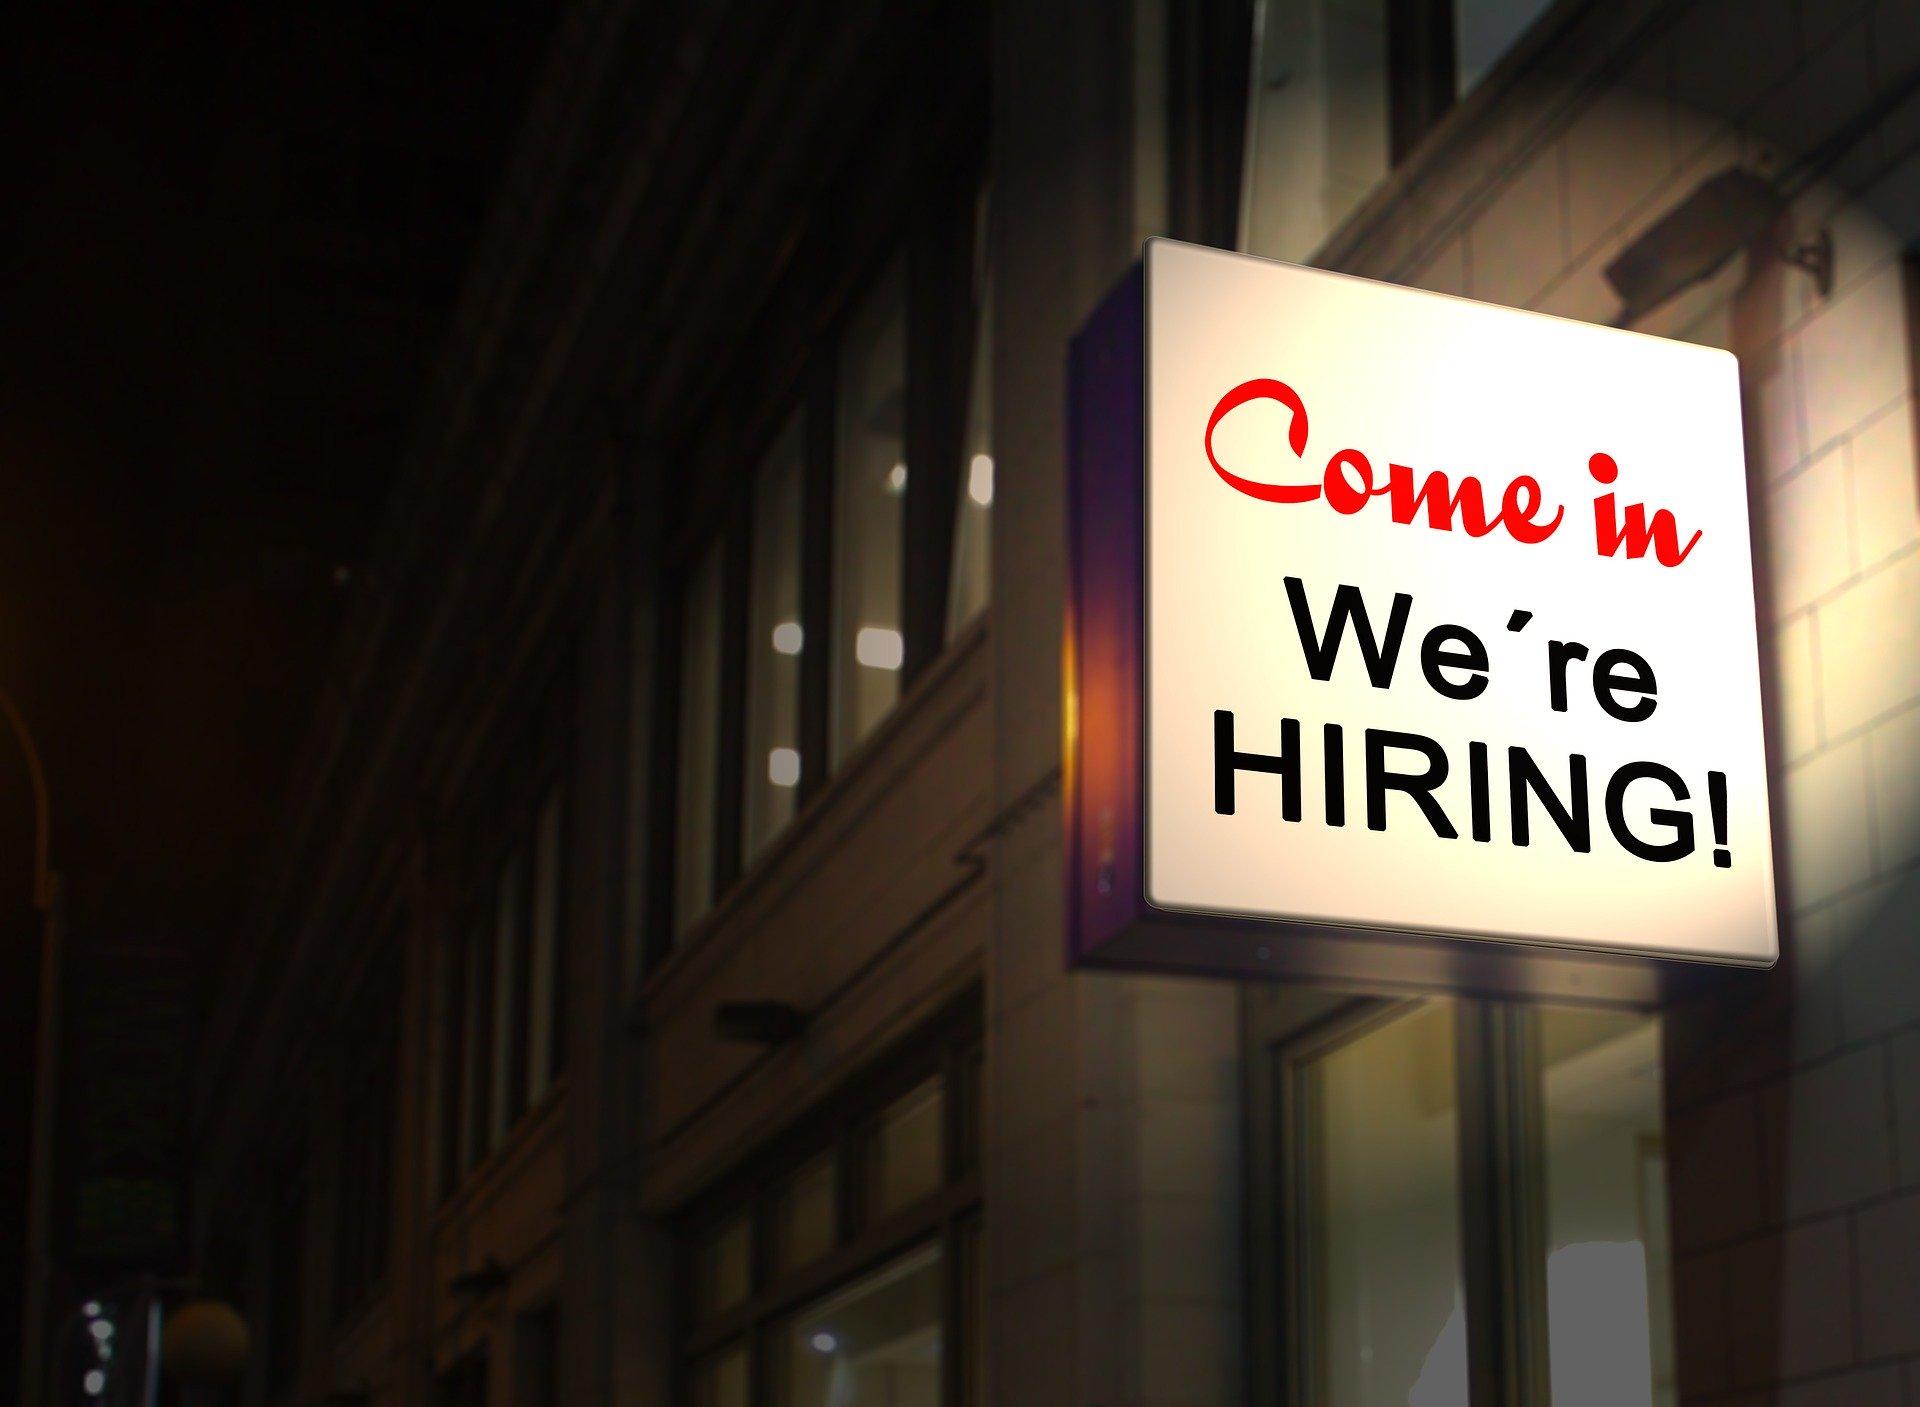 EMPLEOS. Empresas que abarcan desde el área de la tecnología hasta la venta al por menor están contratando personal actualmente en EEUU